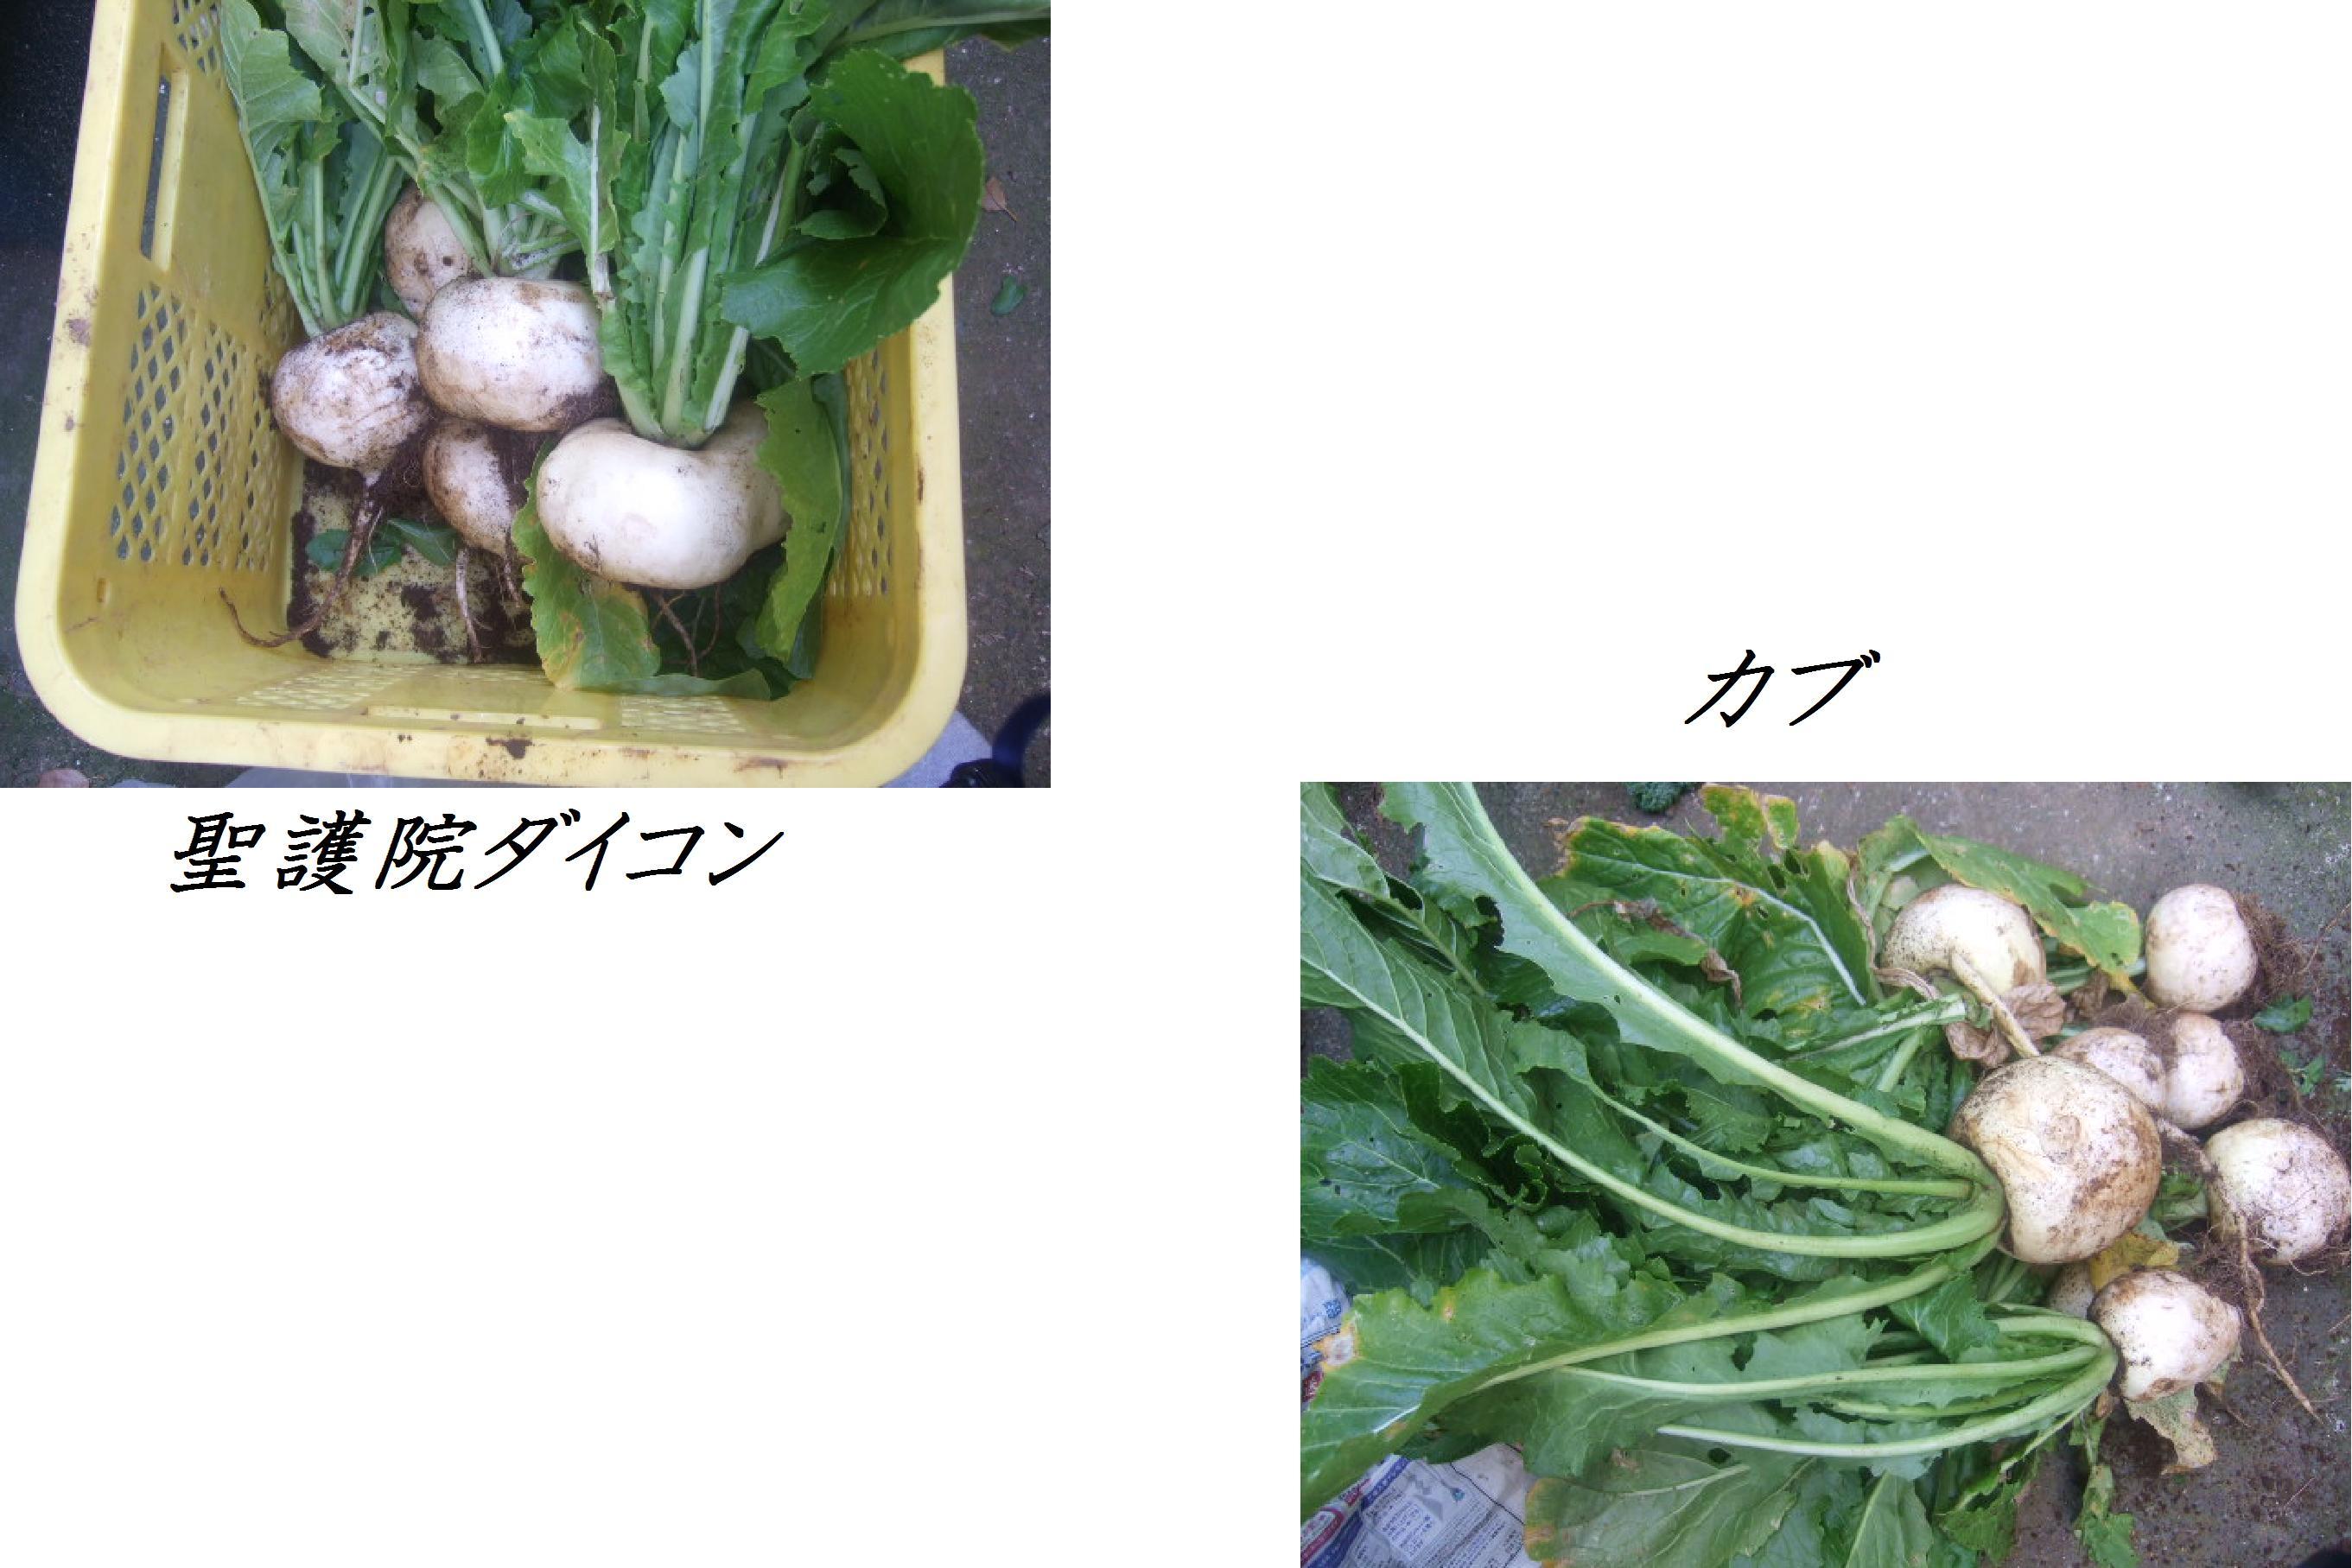 野菜大豊作.....収穫だ!_b0137932_1013190.jpg